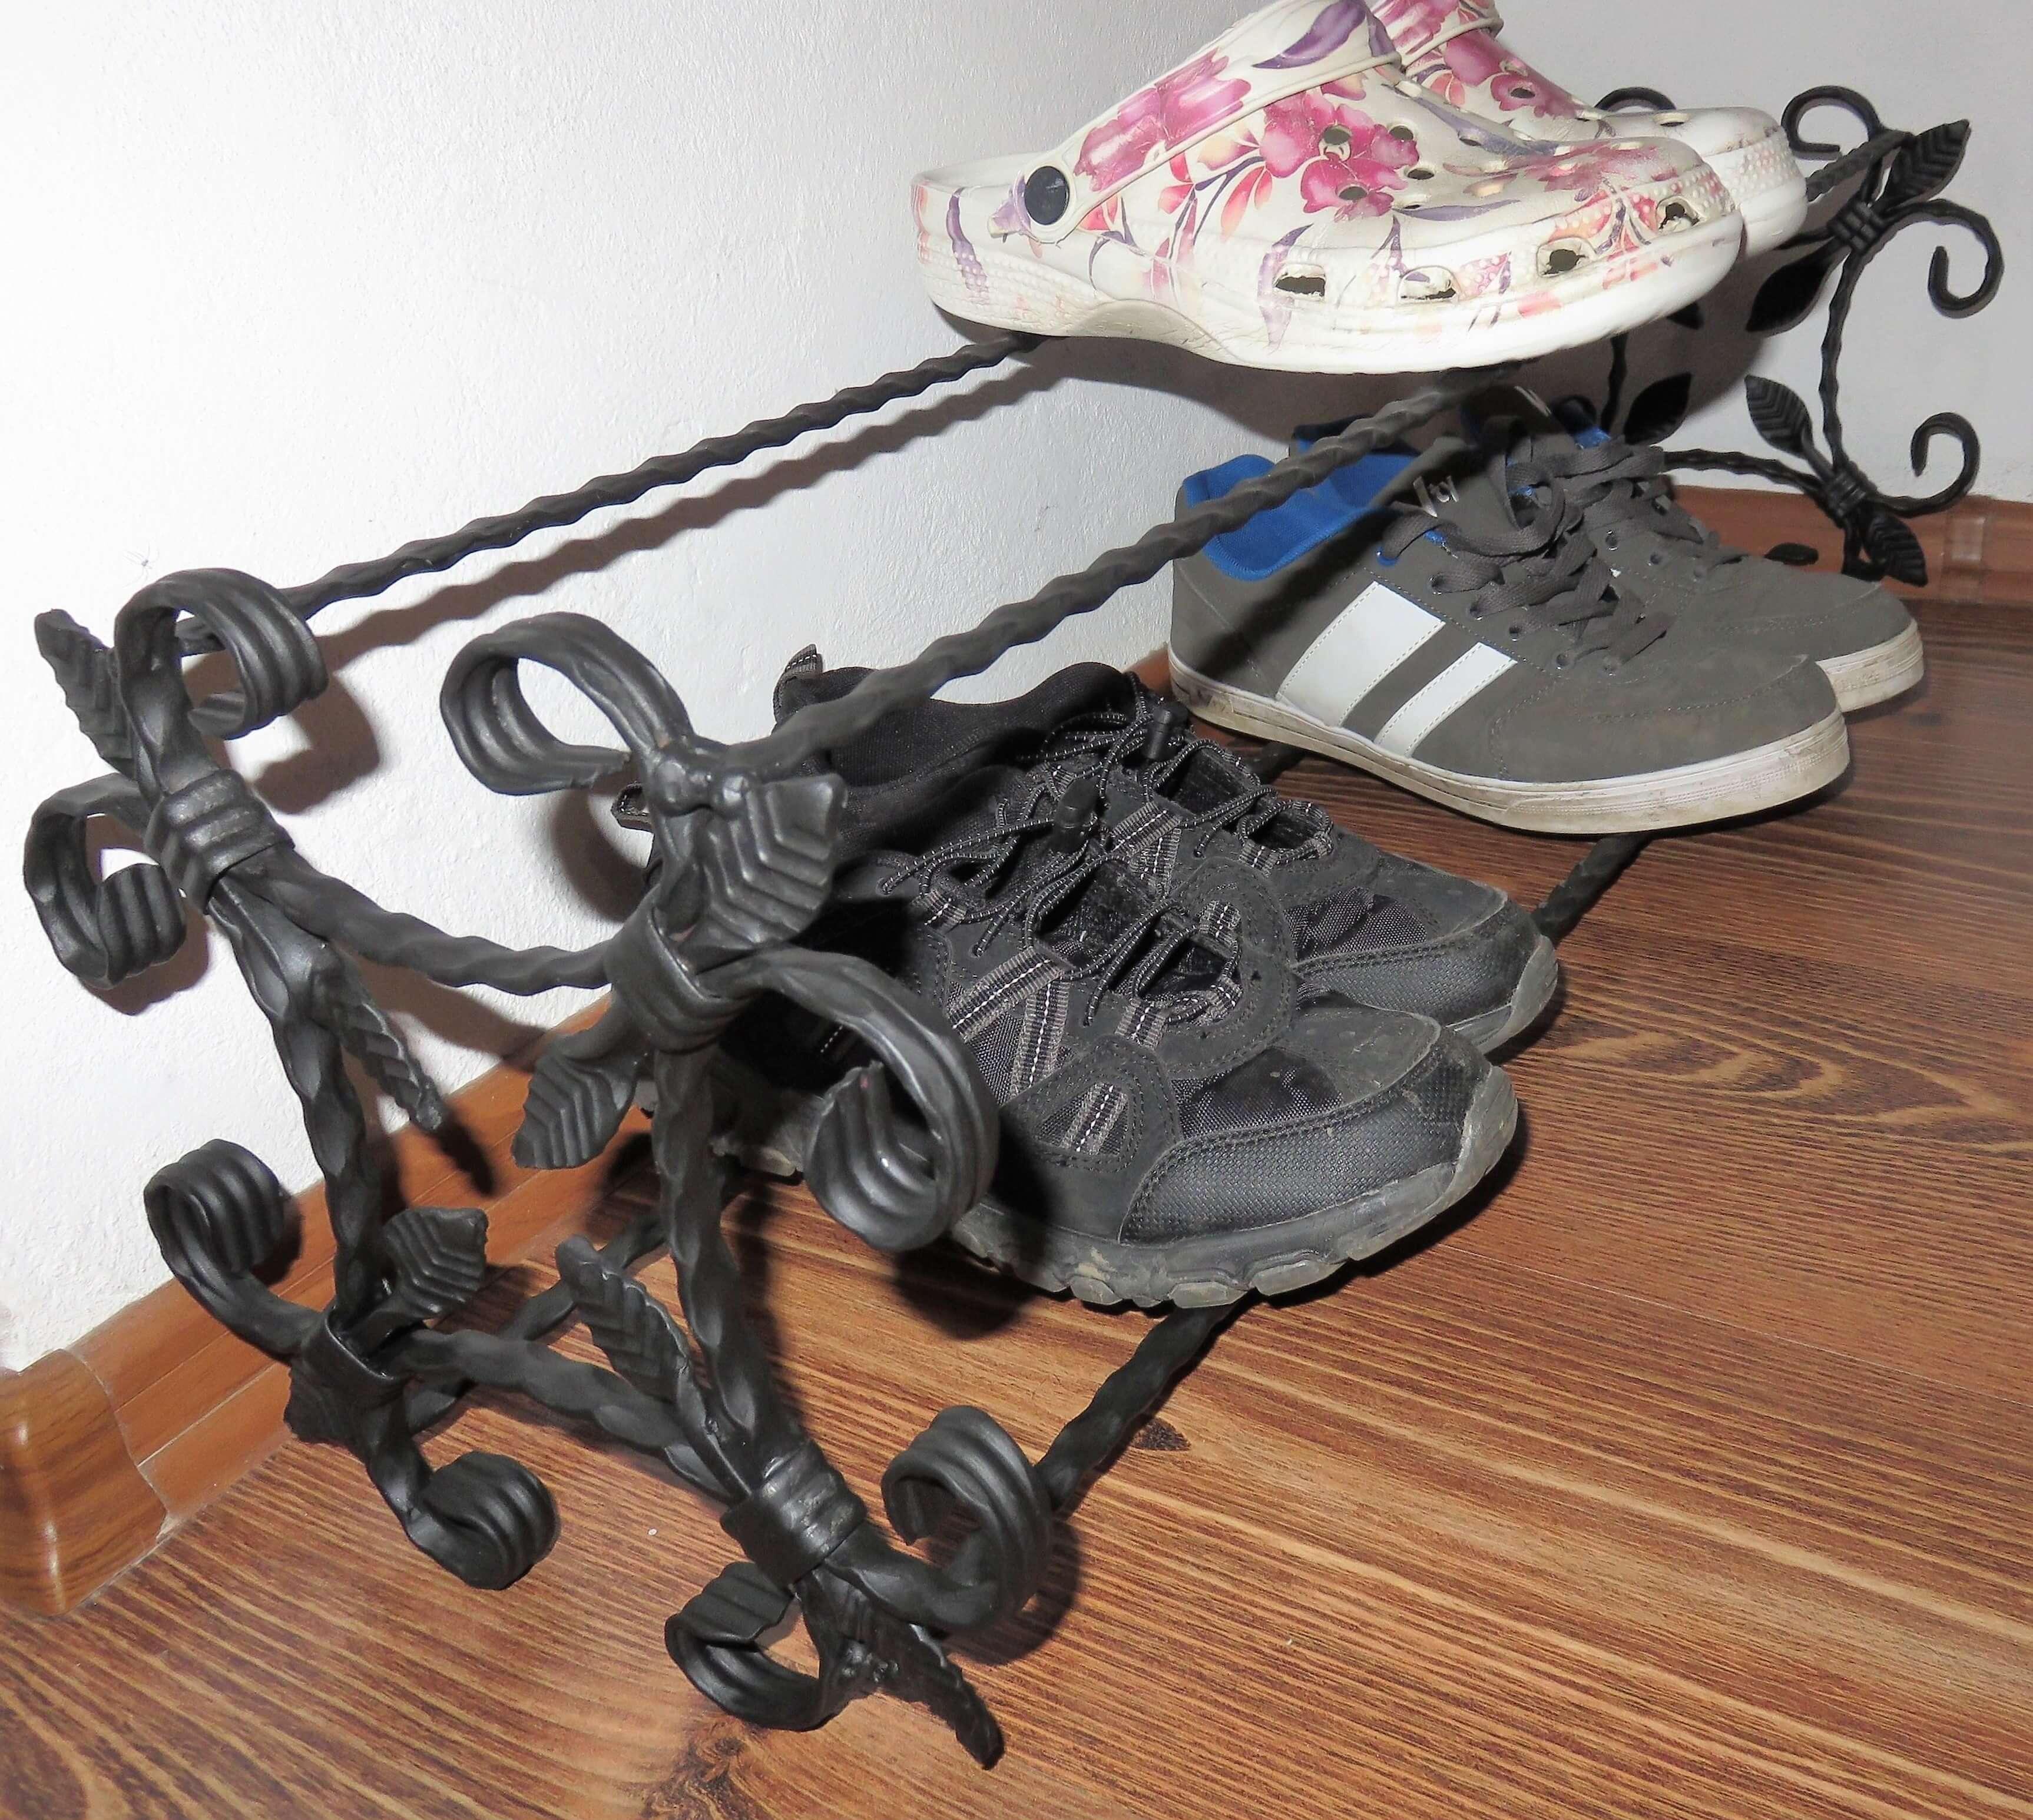 kovaný botník kovový regál na topánky polica na topánky kovaný botník kovový regál na boty Vintage police na boty Metalrustic Shoe Rack Schuhregal